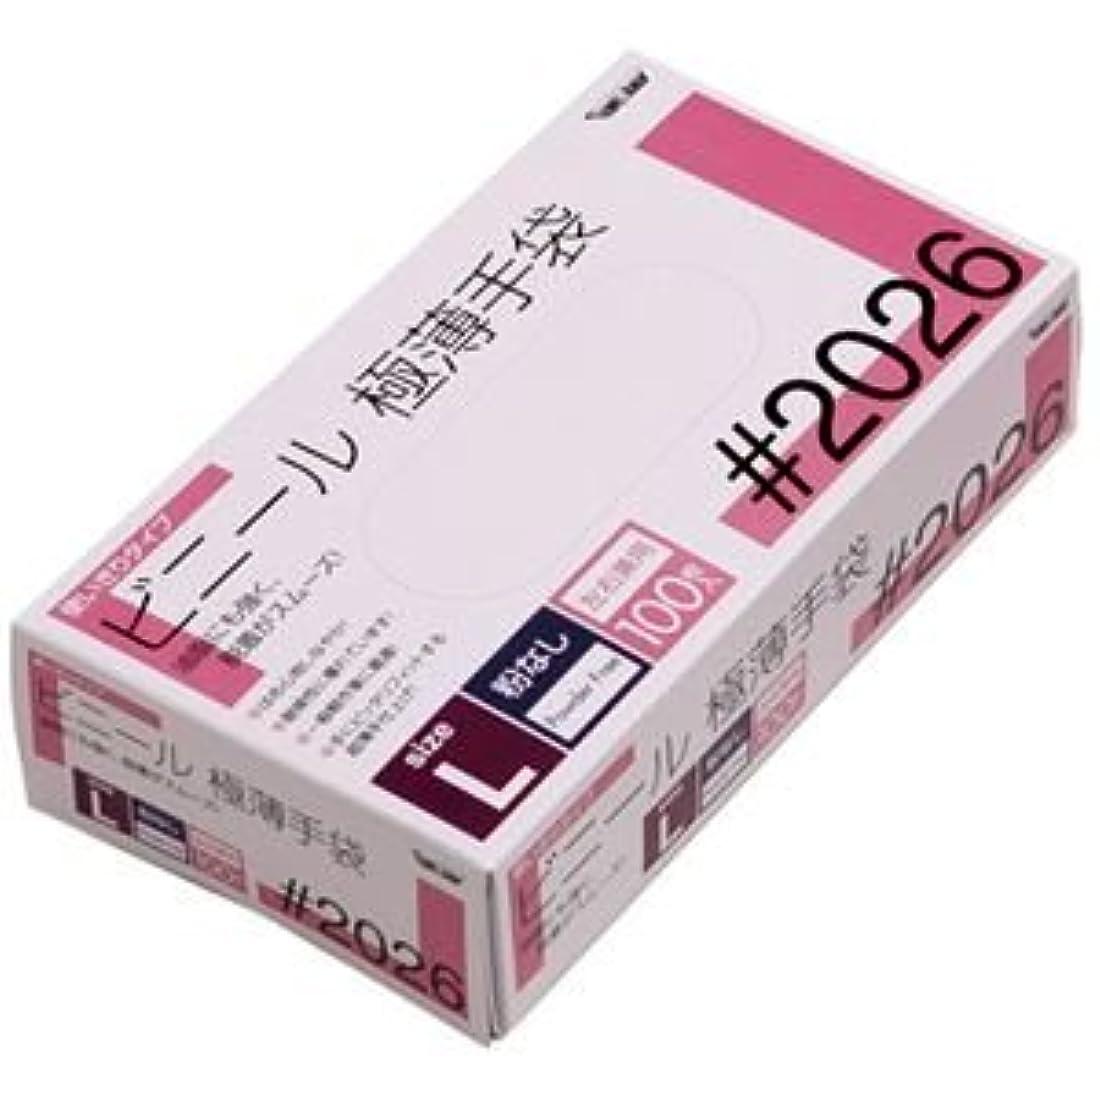 川西工業 ビニール極薄手袋 粉なし L 20箱